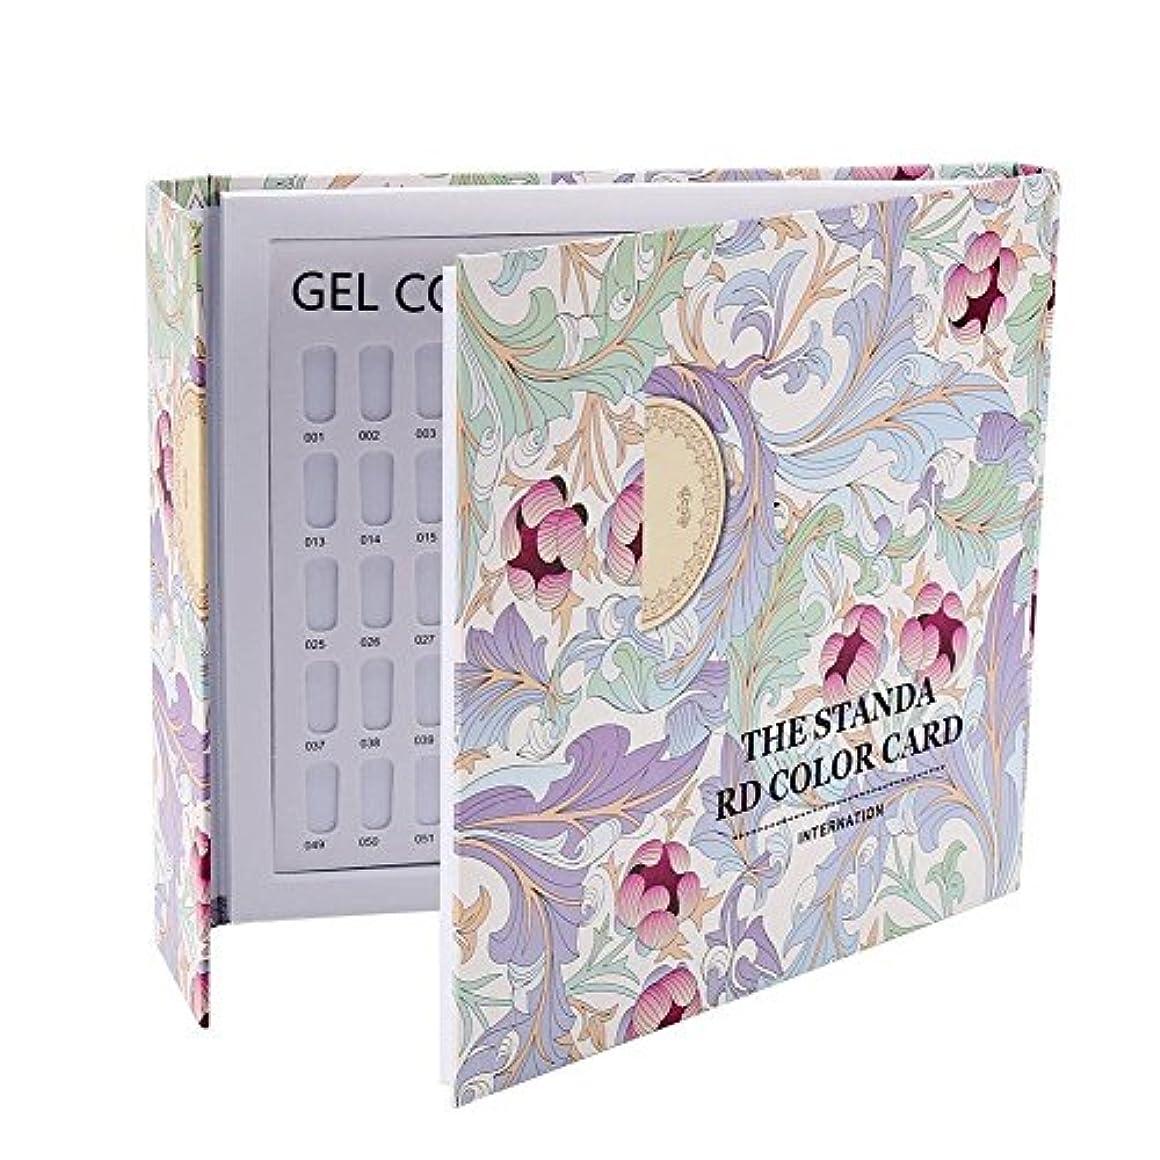 どういたしまして感謝祭尊敬カラーチャート ブック - Delaman ネイル 色見本、ブック型 、ジェルネイル、カラーガイド、サンプル帳、120色 (パターンカバー)